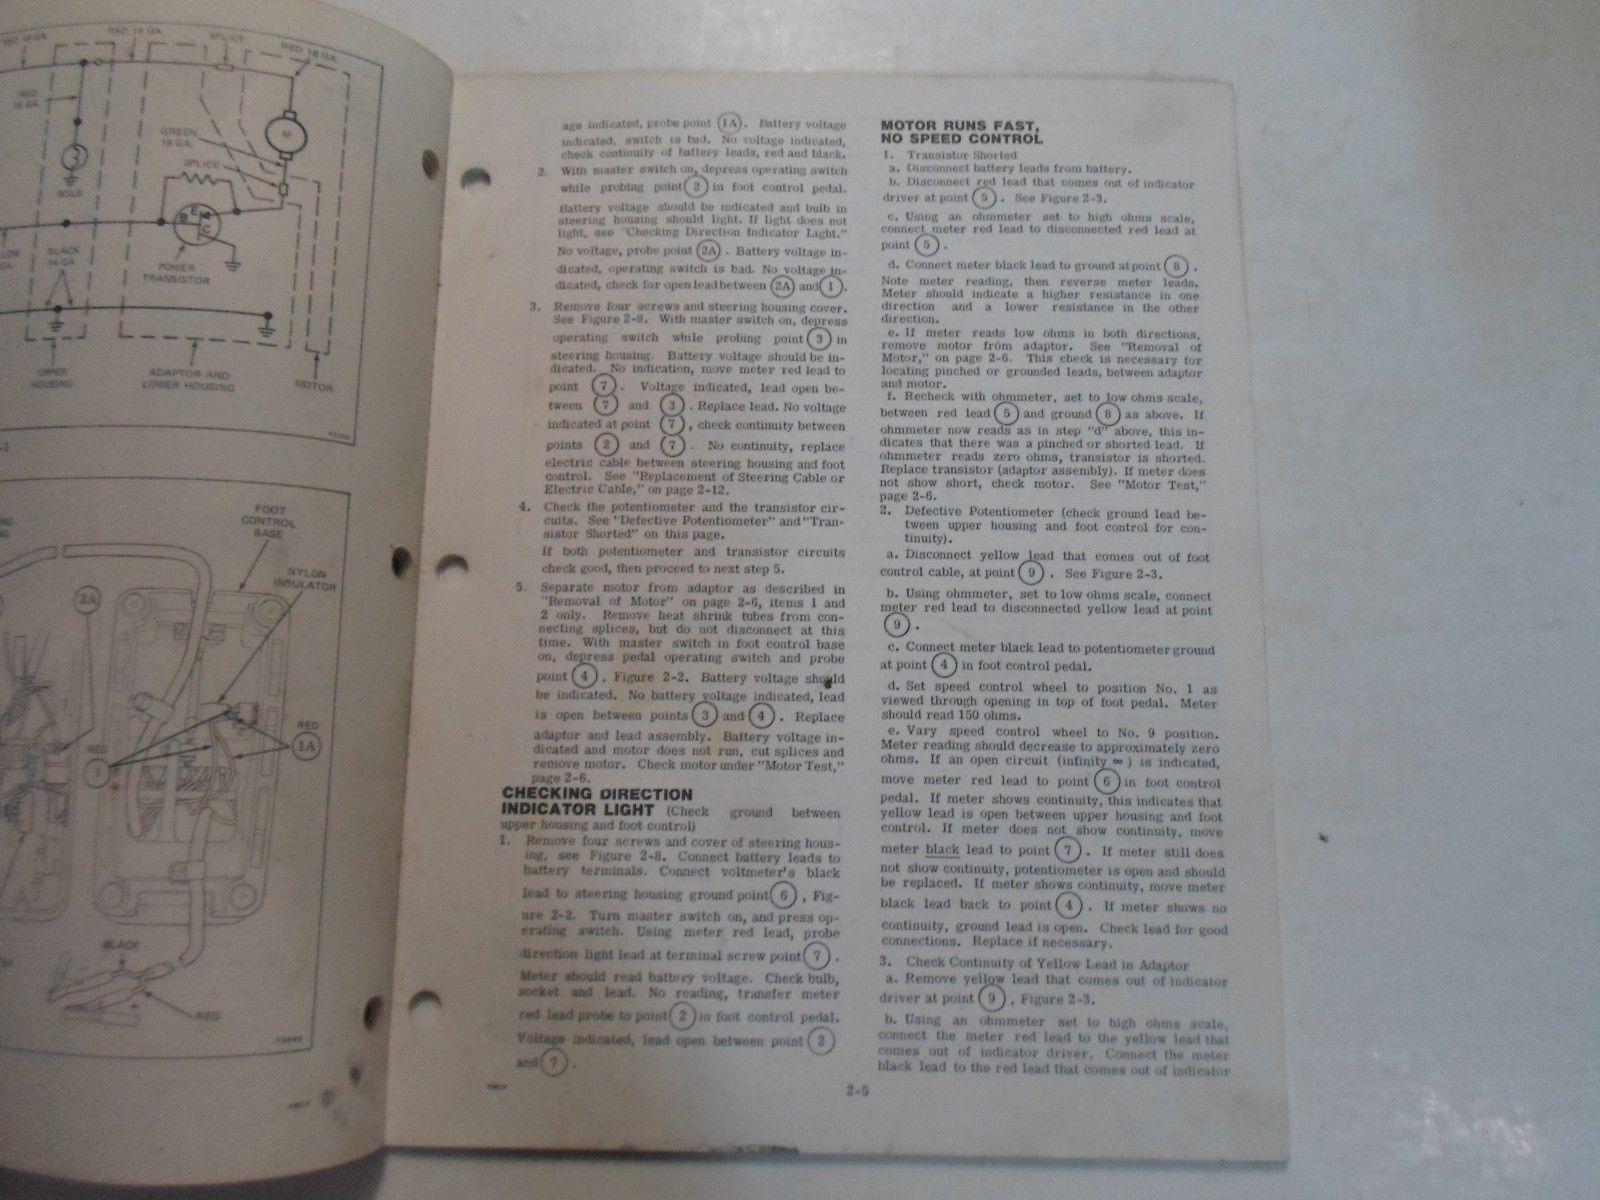 1977 Evinrude Service Shop Repair Manual Electric EB 52 54 82 84 OEM Boat WORN image 9